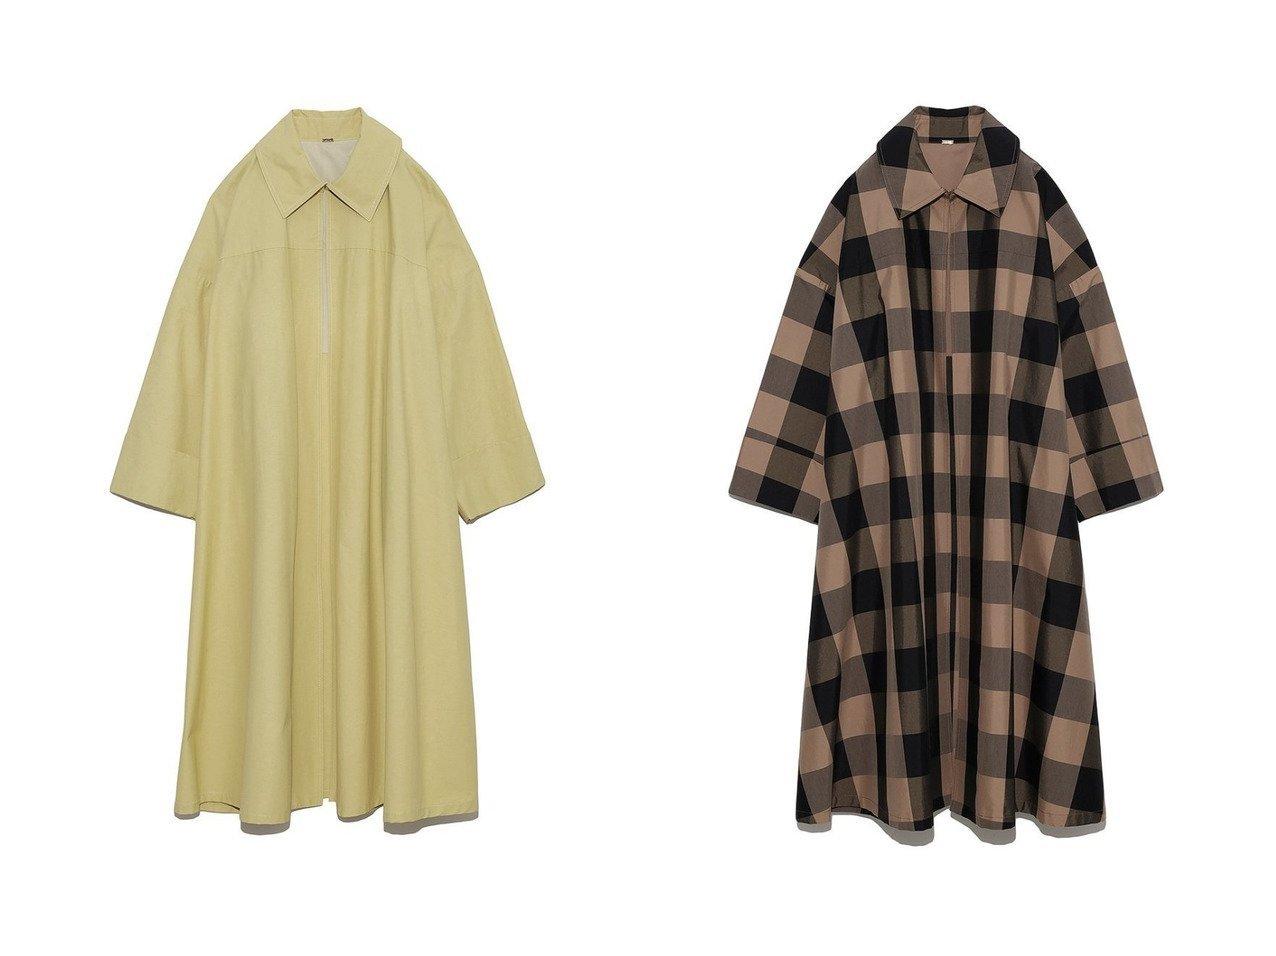 【Mila Owen/ミラオーウェン】のステンカラーケープ風オーバーコート ファッション雑誌・Webマガジン掲載、おすすめ!人気、トレンド・レディースファッションの通販 おすすめで人気の流行・トレンド、ファッションの通販商品 インテリア・家具・メンズファッション・キッズファッション・レディースファッション・服の通販 founy(ファニー) https://founy.com/ 雑誌掲載アイテム Magazine Items ファッション雑誌 Fashion Magazines ジゼル GISELe ファッション Fashion レディースファッション WOMEN アウター Coat Outerwear コート Coats 7月号 おすすめ Recommend イエロー カットソー カフス チェック トレンチ ルーズ ワイド 今季 雑誌 |ID:crp329100000060888